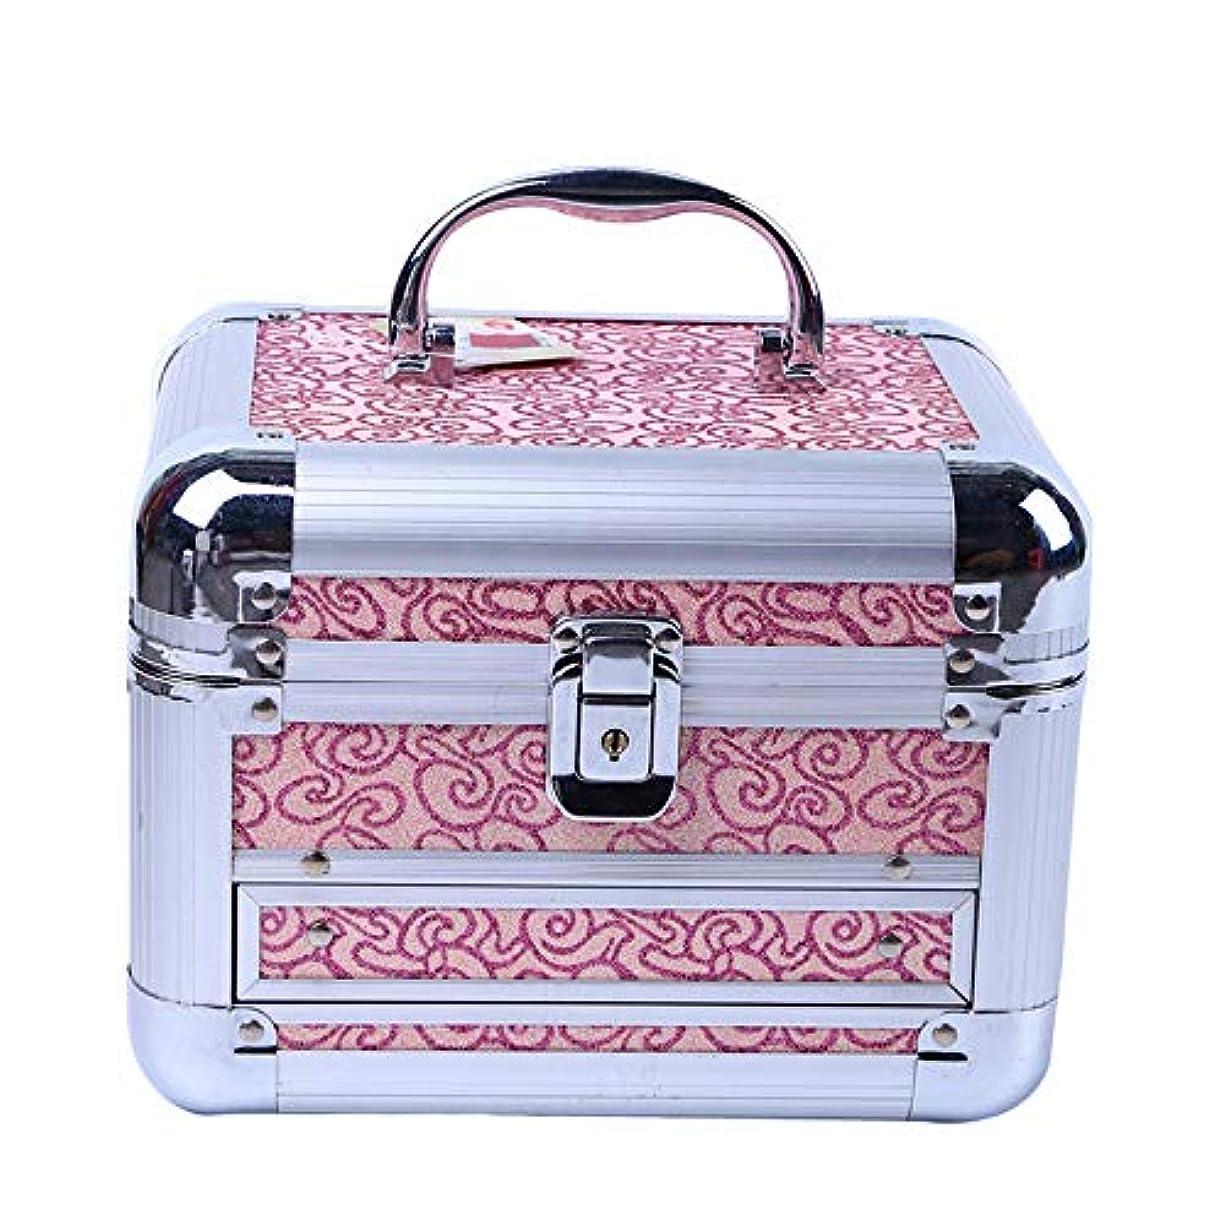 驚かす復活する生き返らせる化粧オーガナイザーバッグ 美容メイクアップのための大容量ポータブル化粧ケース、女子女性のための化粧鏡と折り畳みトレイと旅行と毎日のストレージ 化粧品ケース